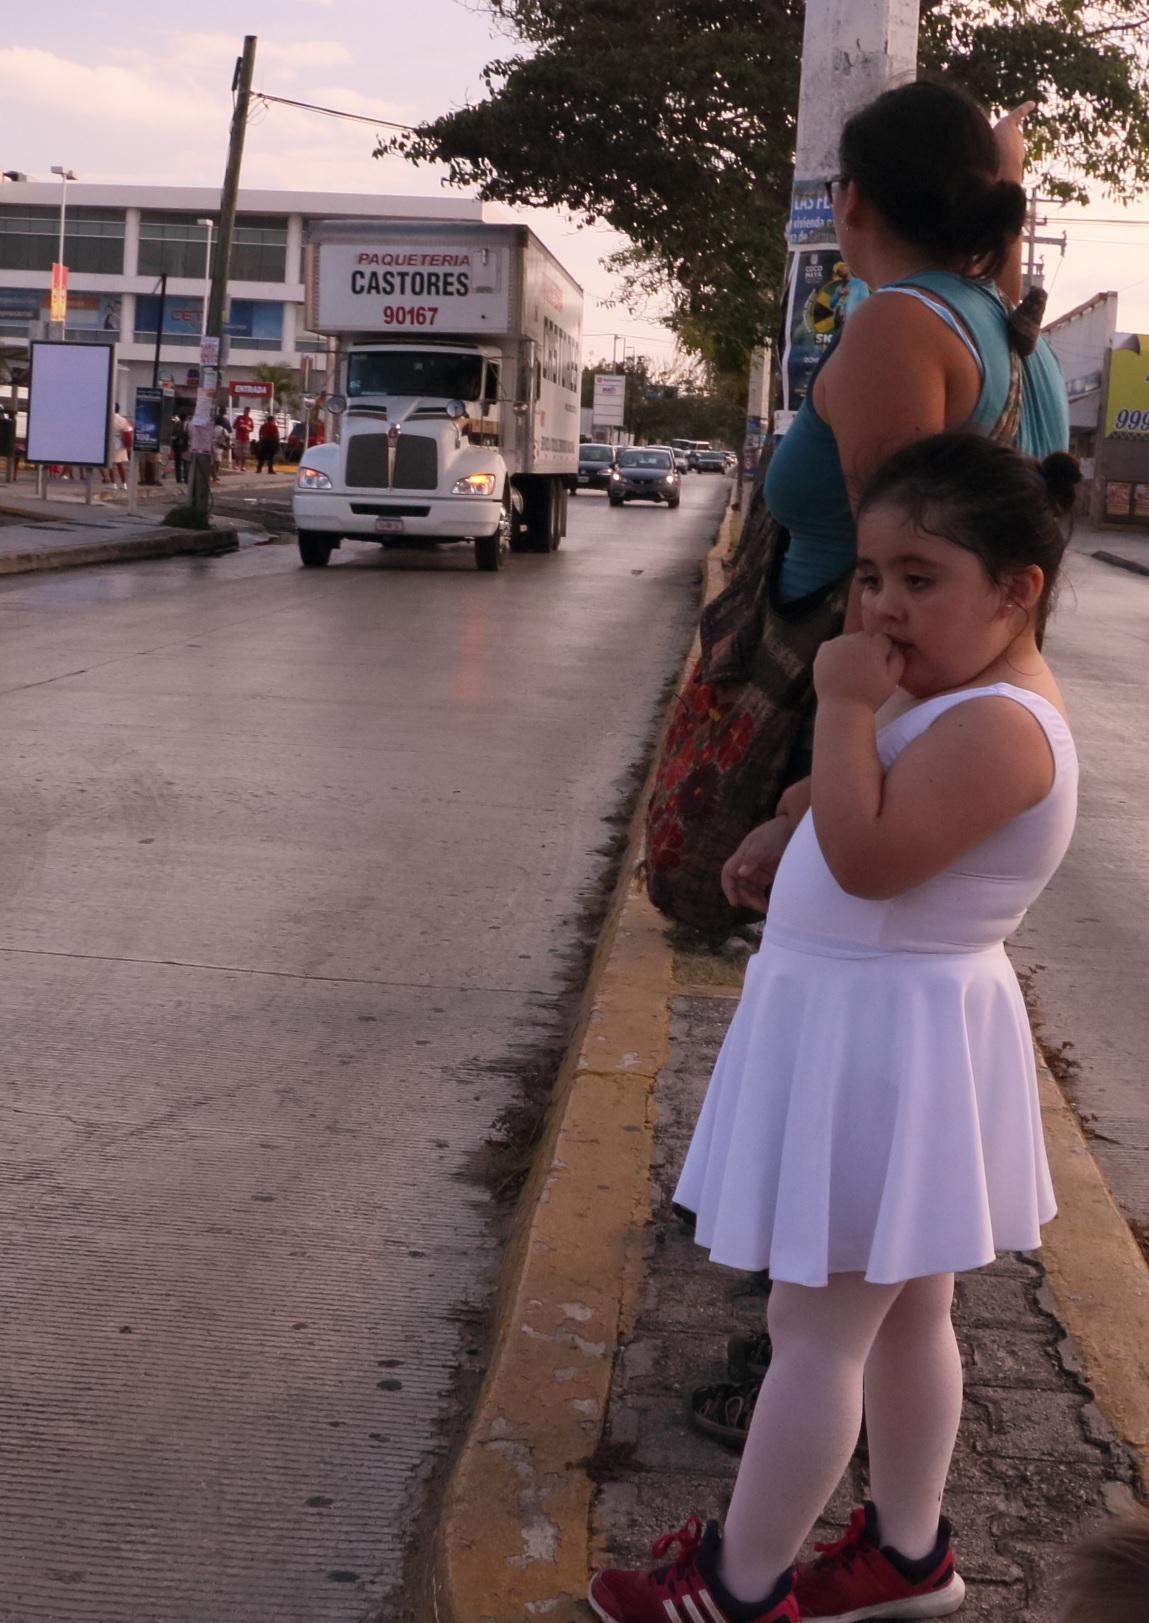 A mexikóiak átvették a világelső helyet a fiatalkori elhízásban. Ettől nem függetlenül, itt isszák a legtöbbet a Coca Cola Company termékeiből is, naponta és fejenként több, mint egy litert.